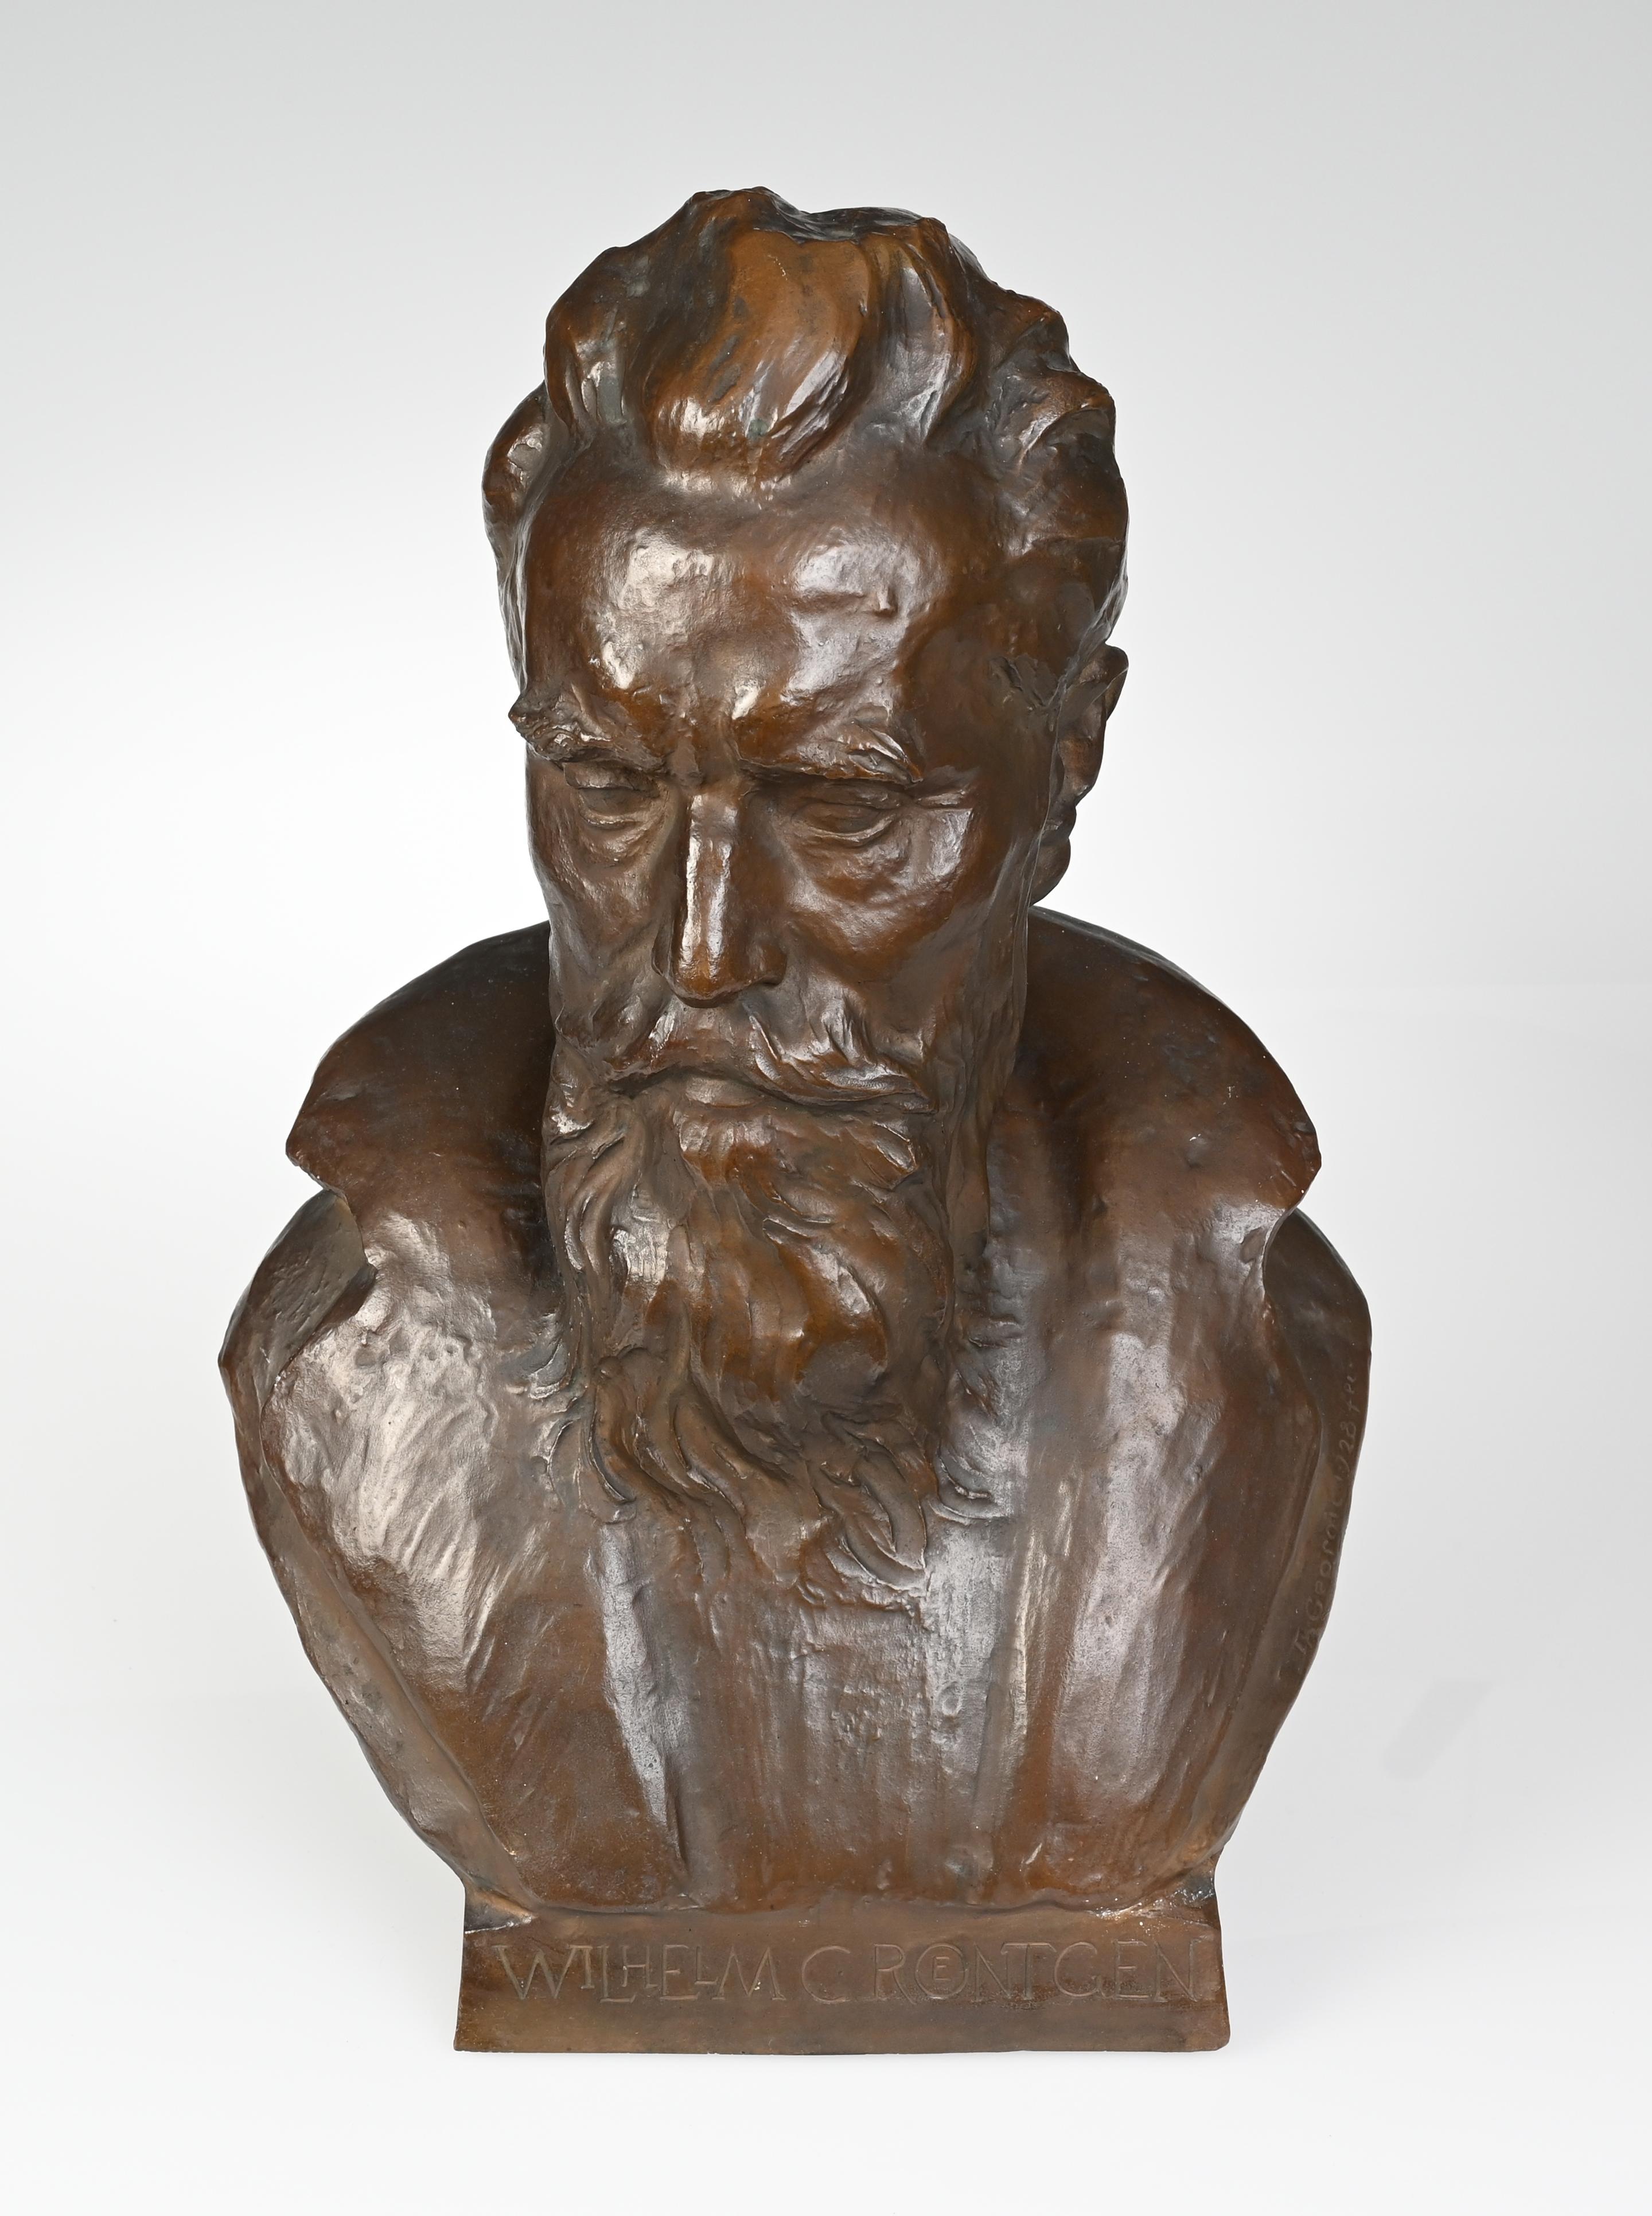 Büste von Wilhelm Conrad Röntgen.